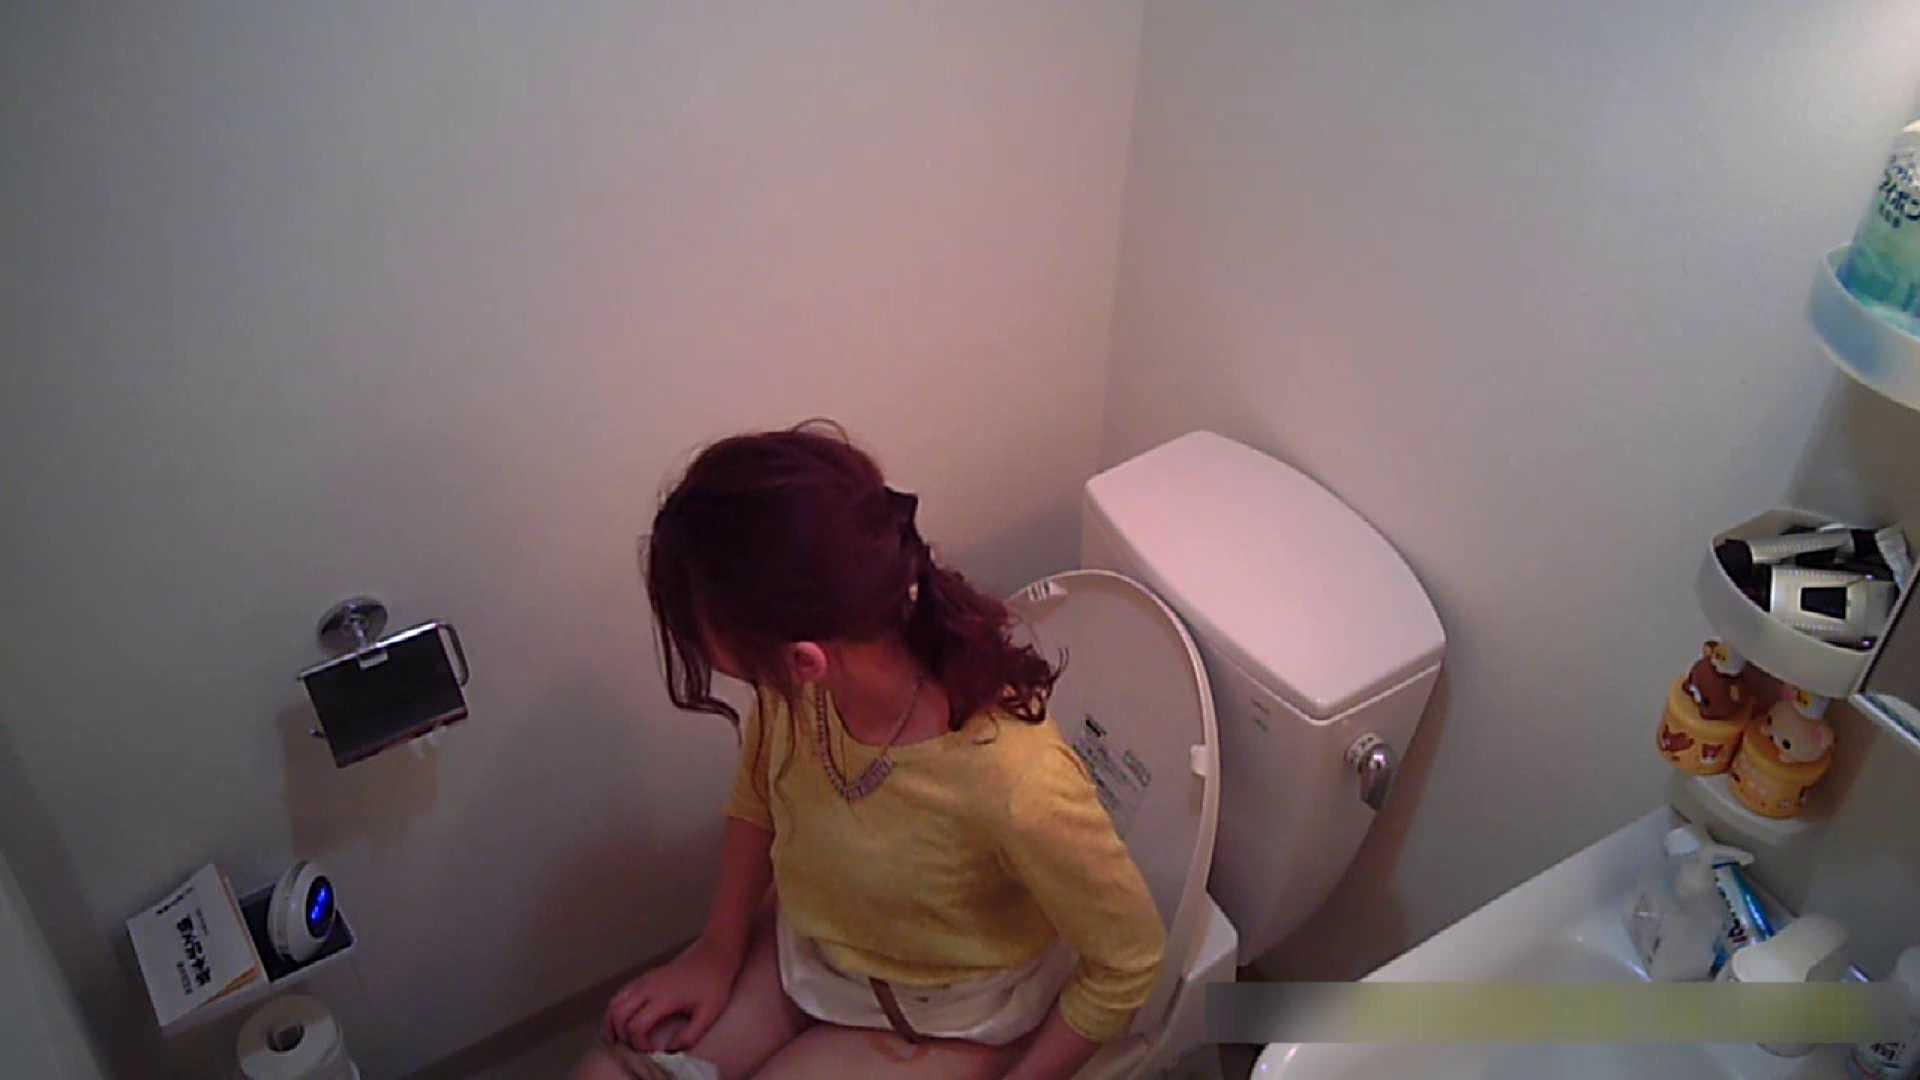 乳首大き目の24歳Y子 トイレ編 乳首コレクション   トイレ中  27連発 7